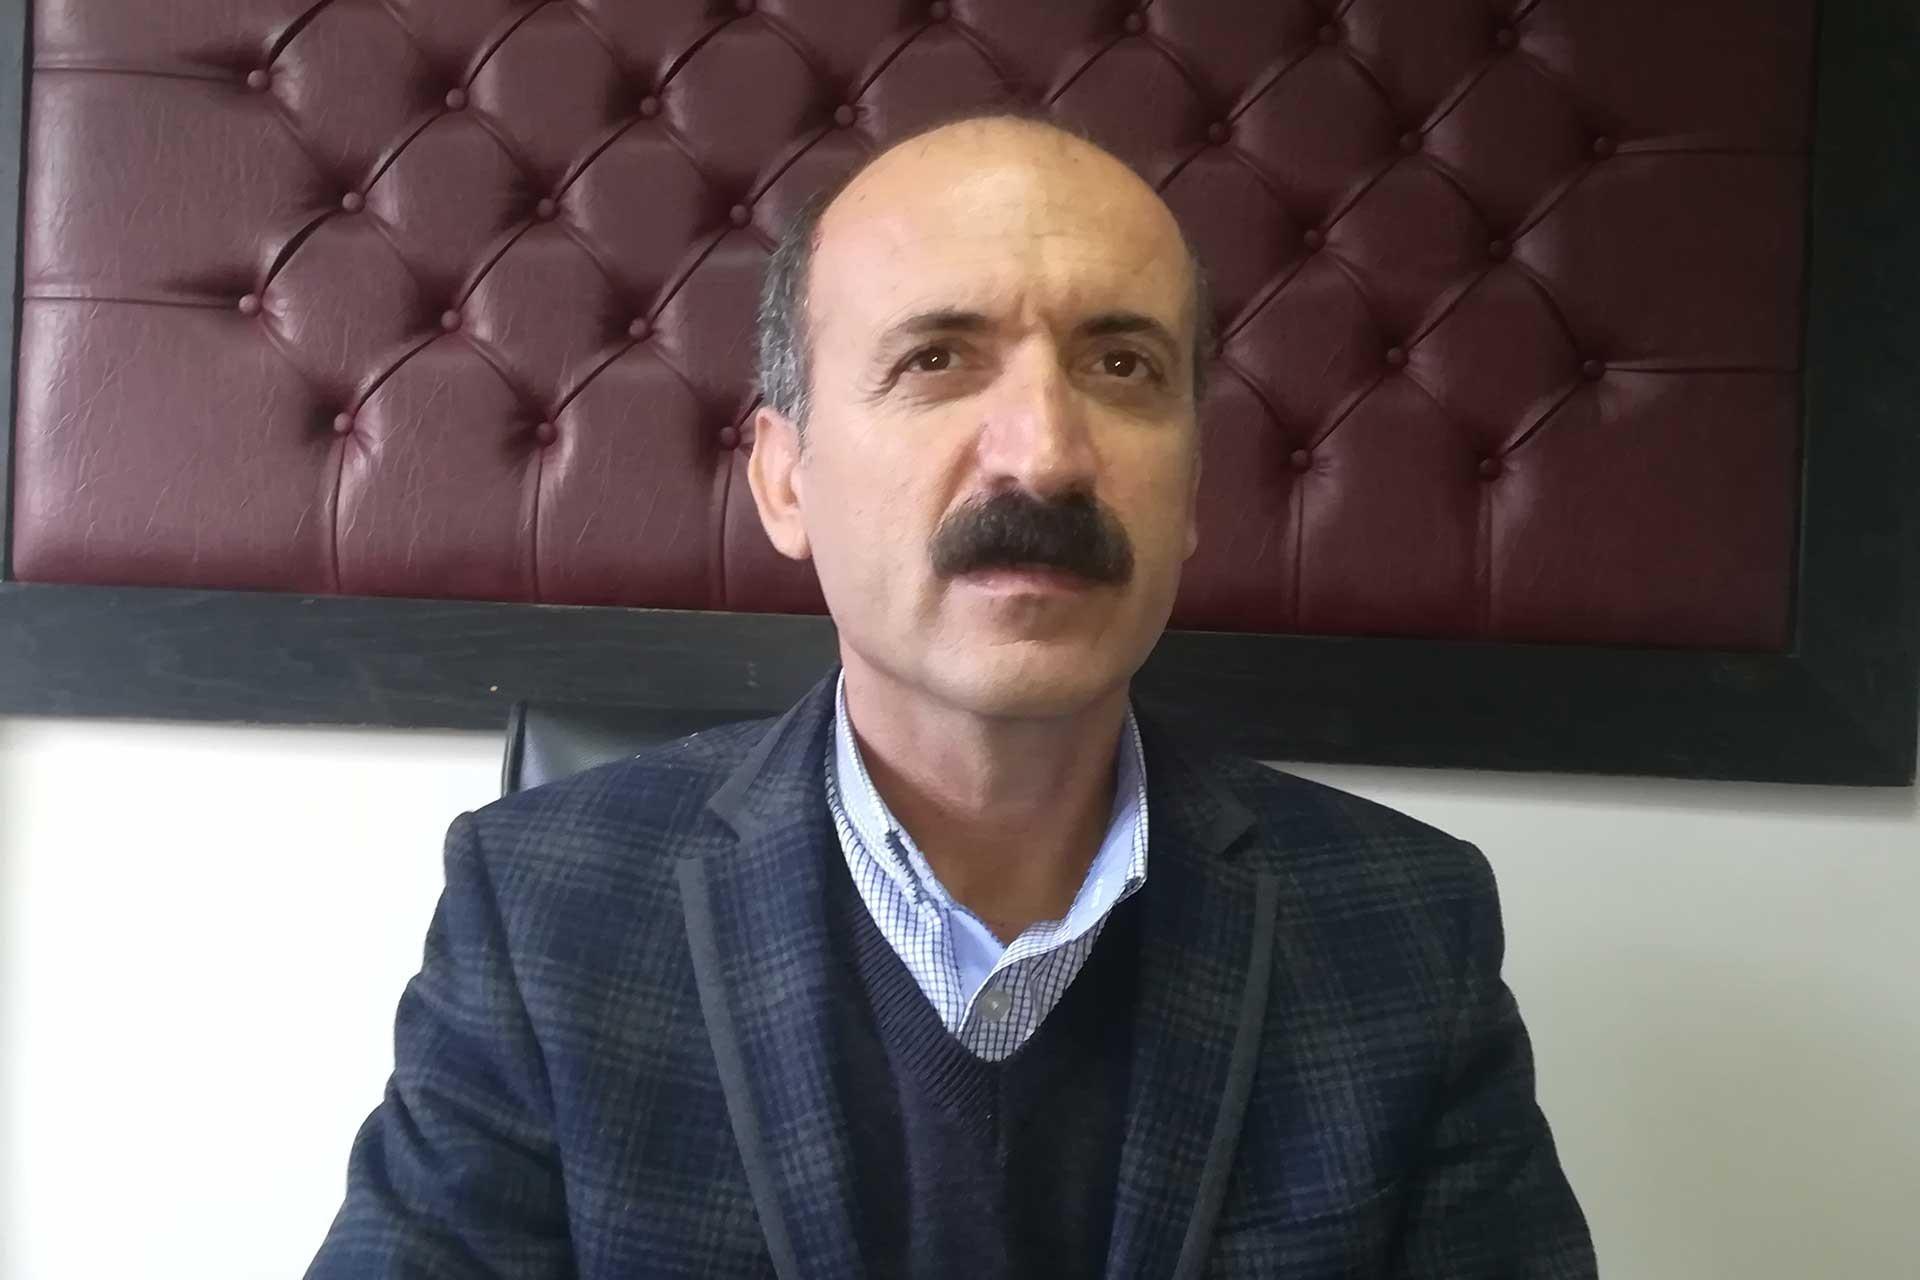 EMEP GYK üyesi Mustafa Taşkale'nin duruşması bir kez daha ertelendi